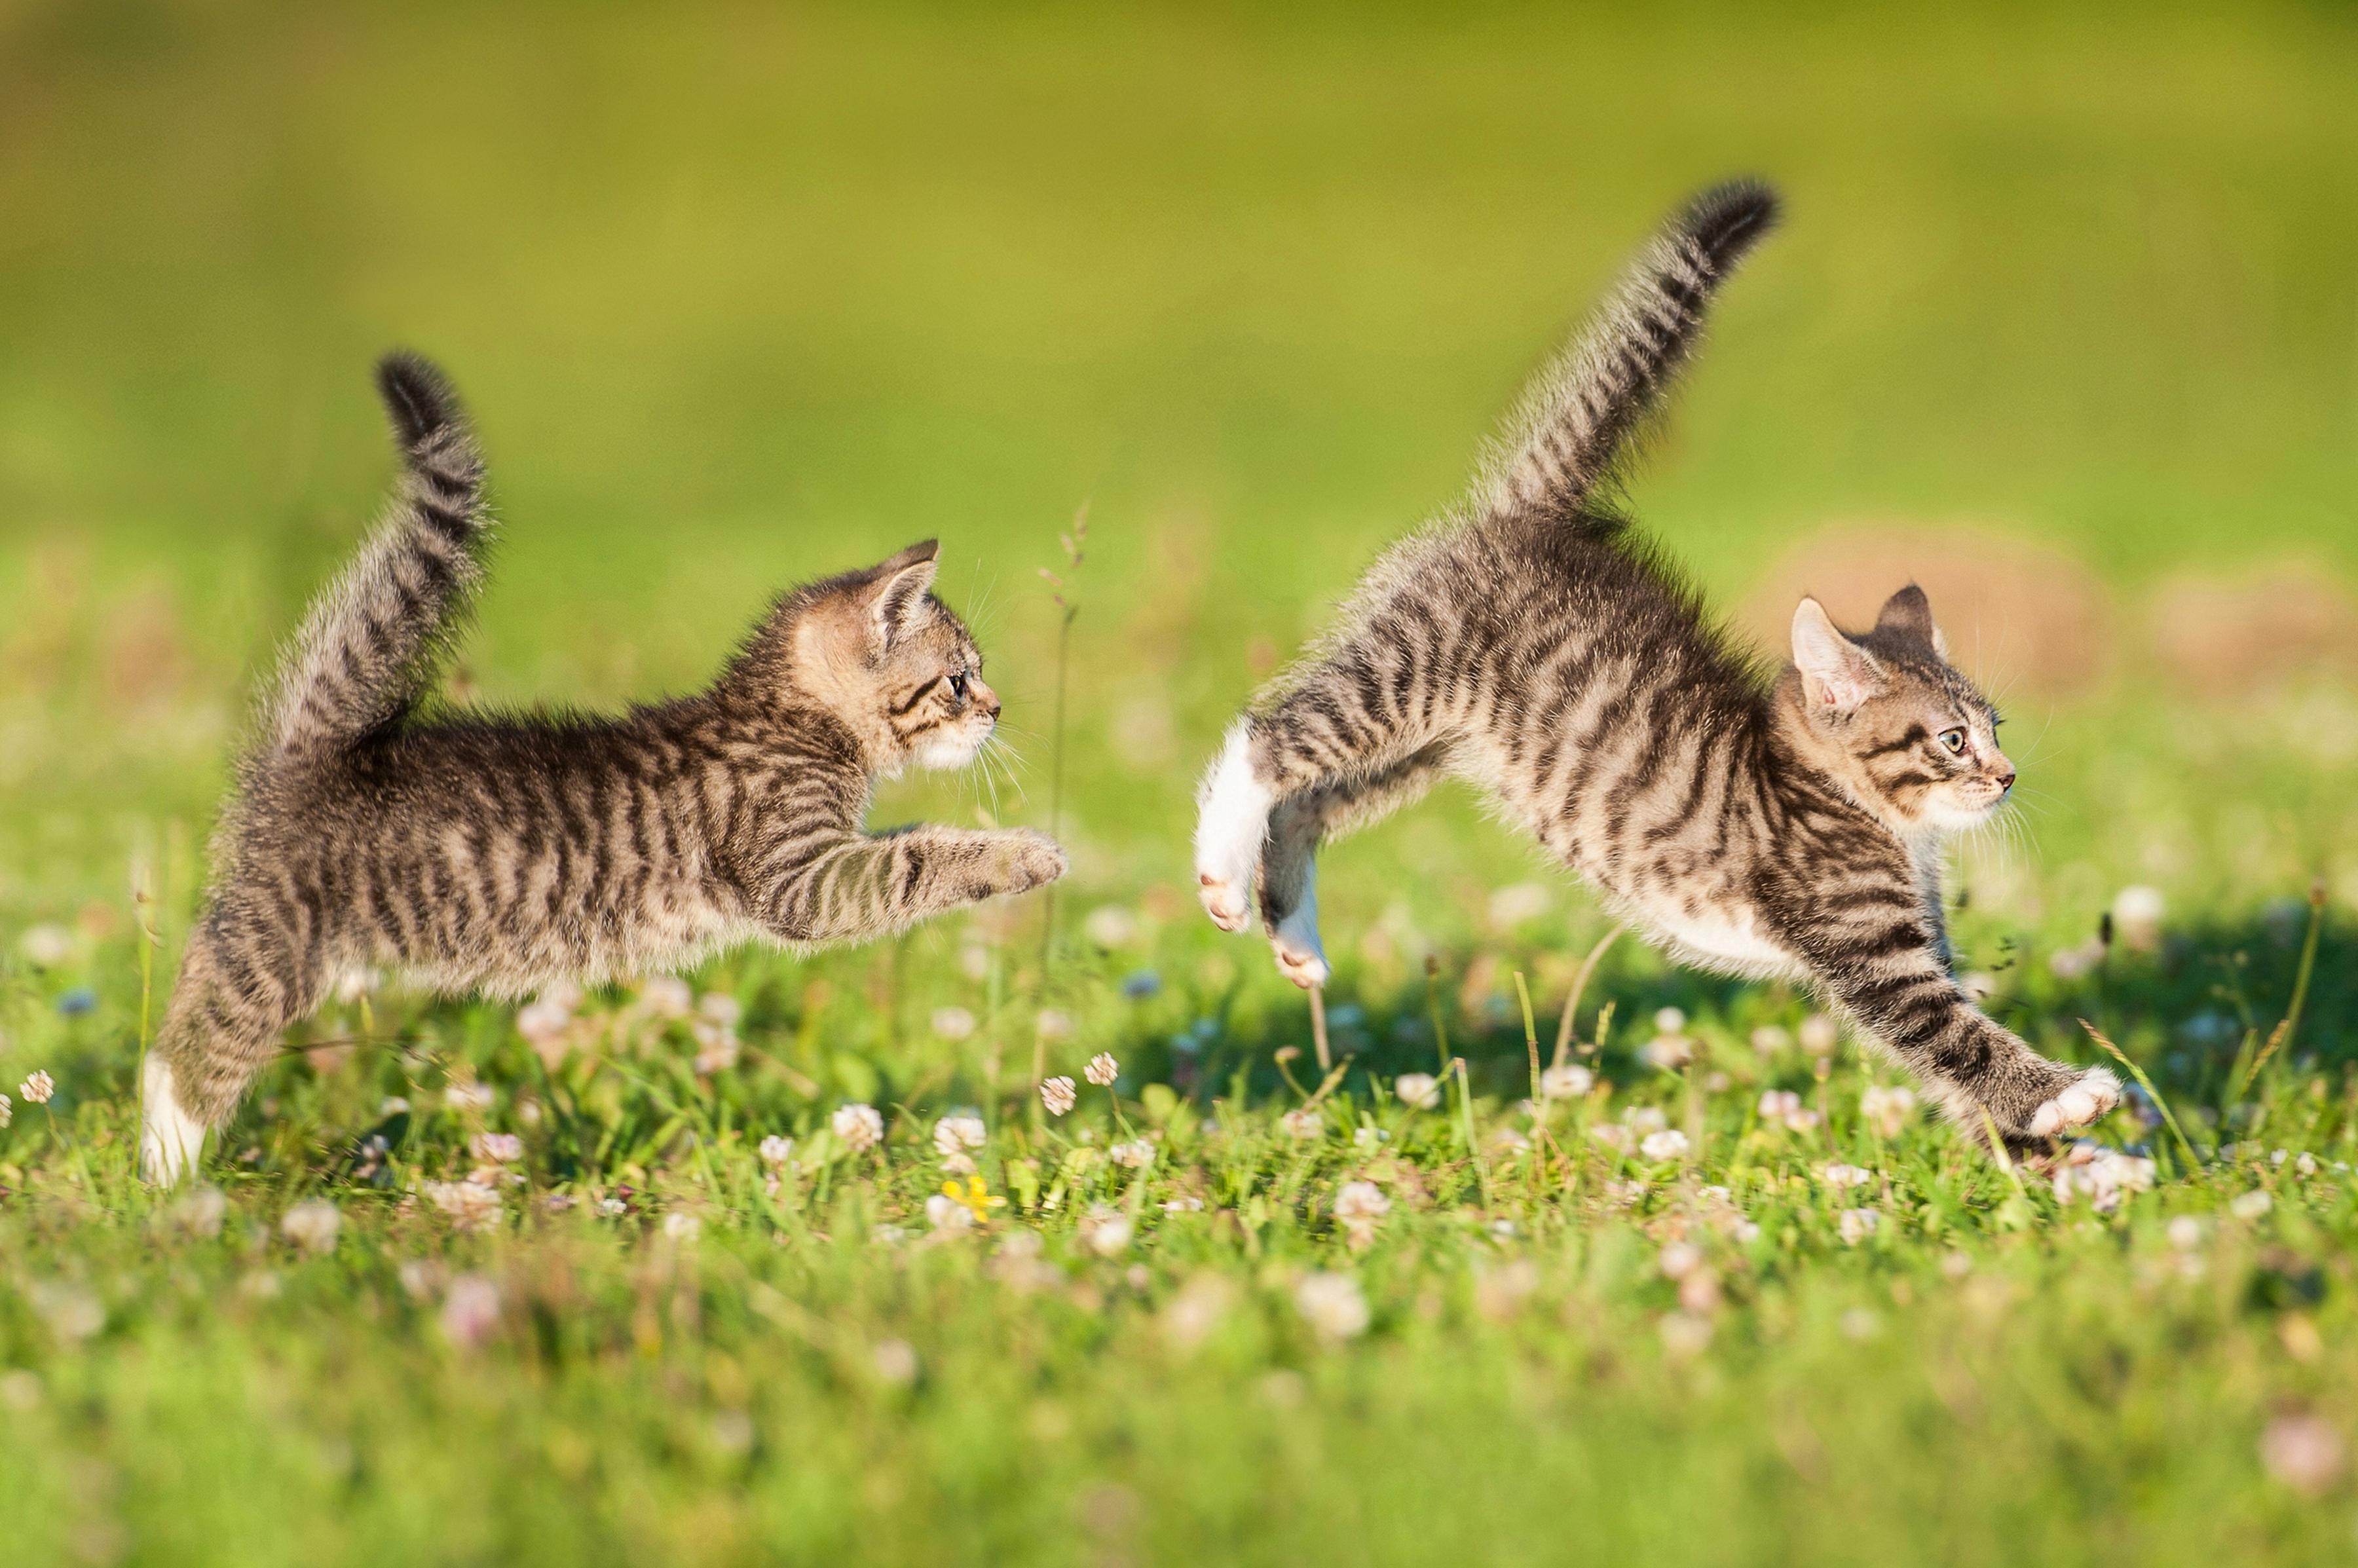 Картинка бегущей кошки